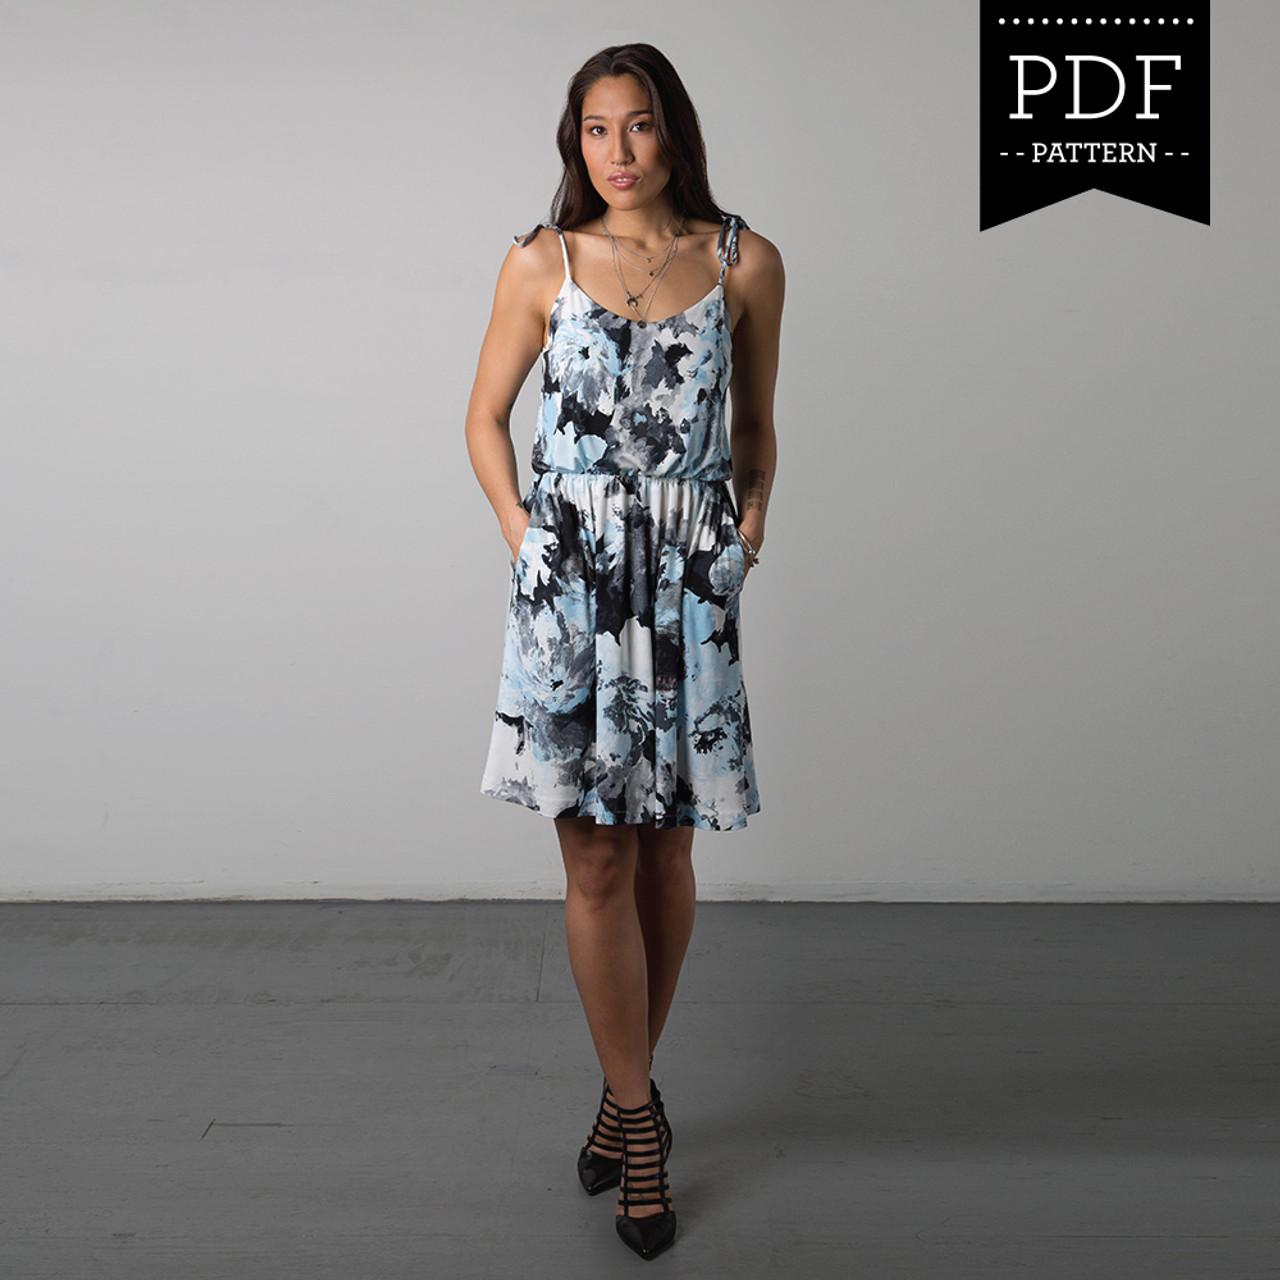 Saltspring Dress PDF Pattern - Sewaholic Patterns